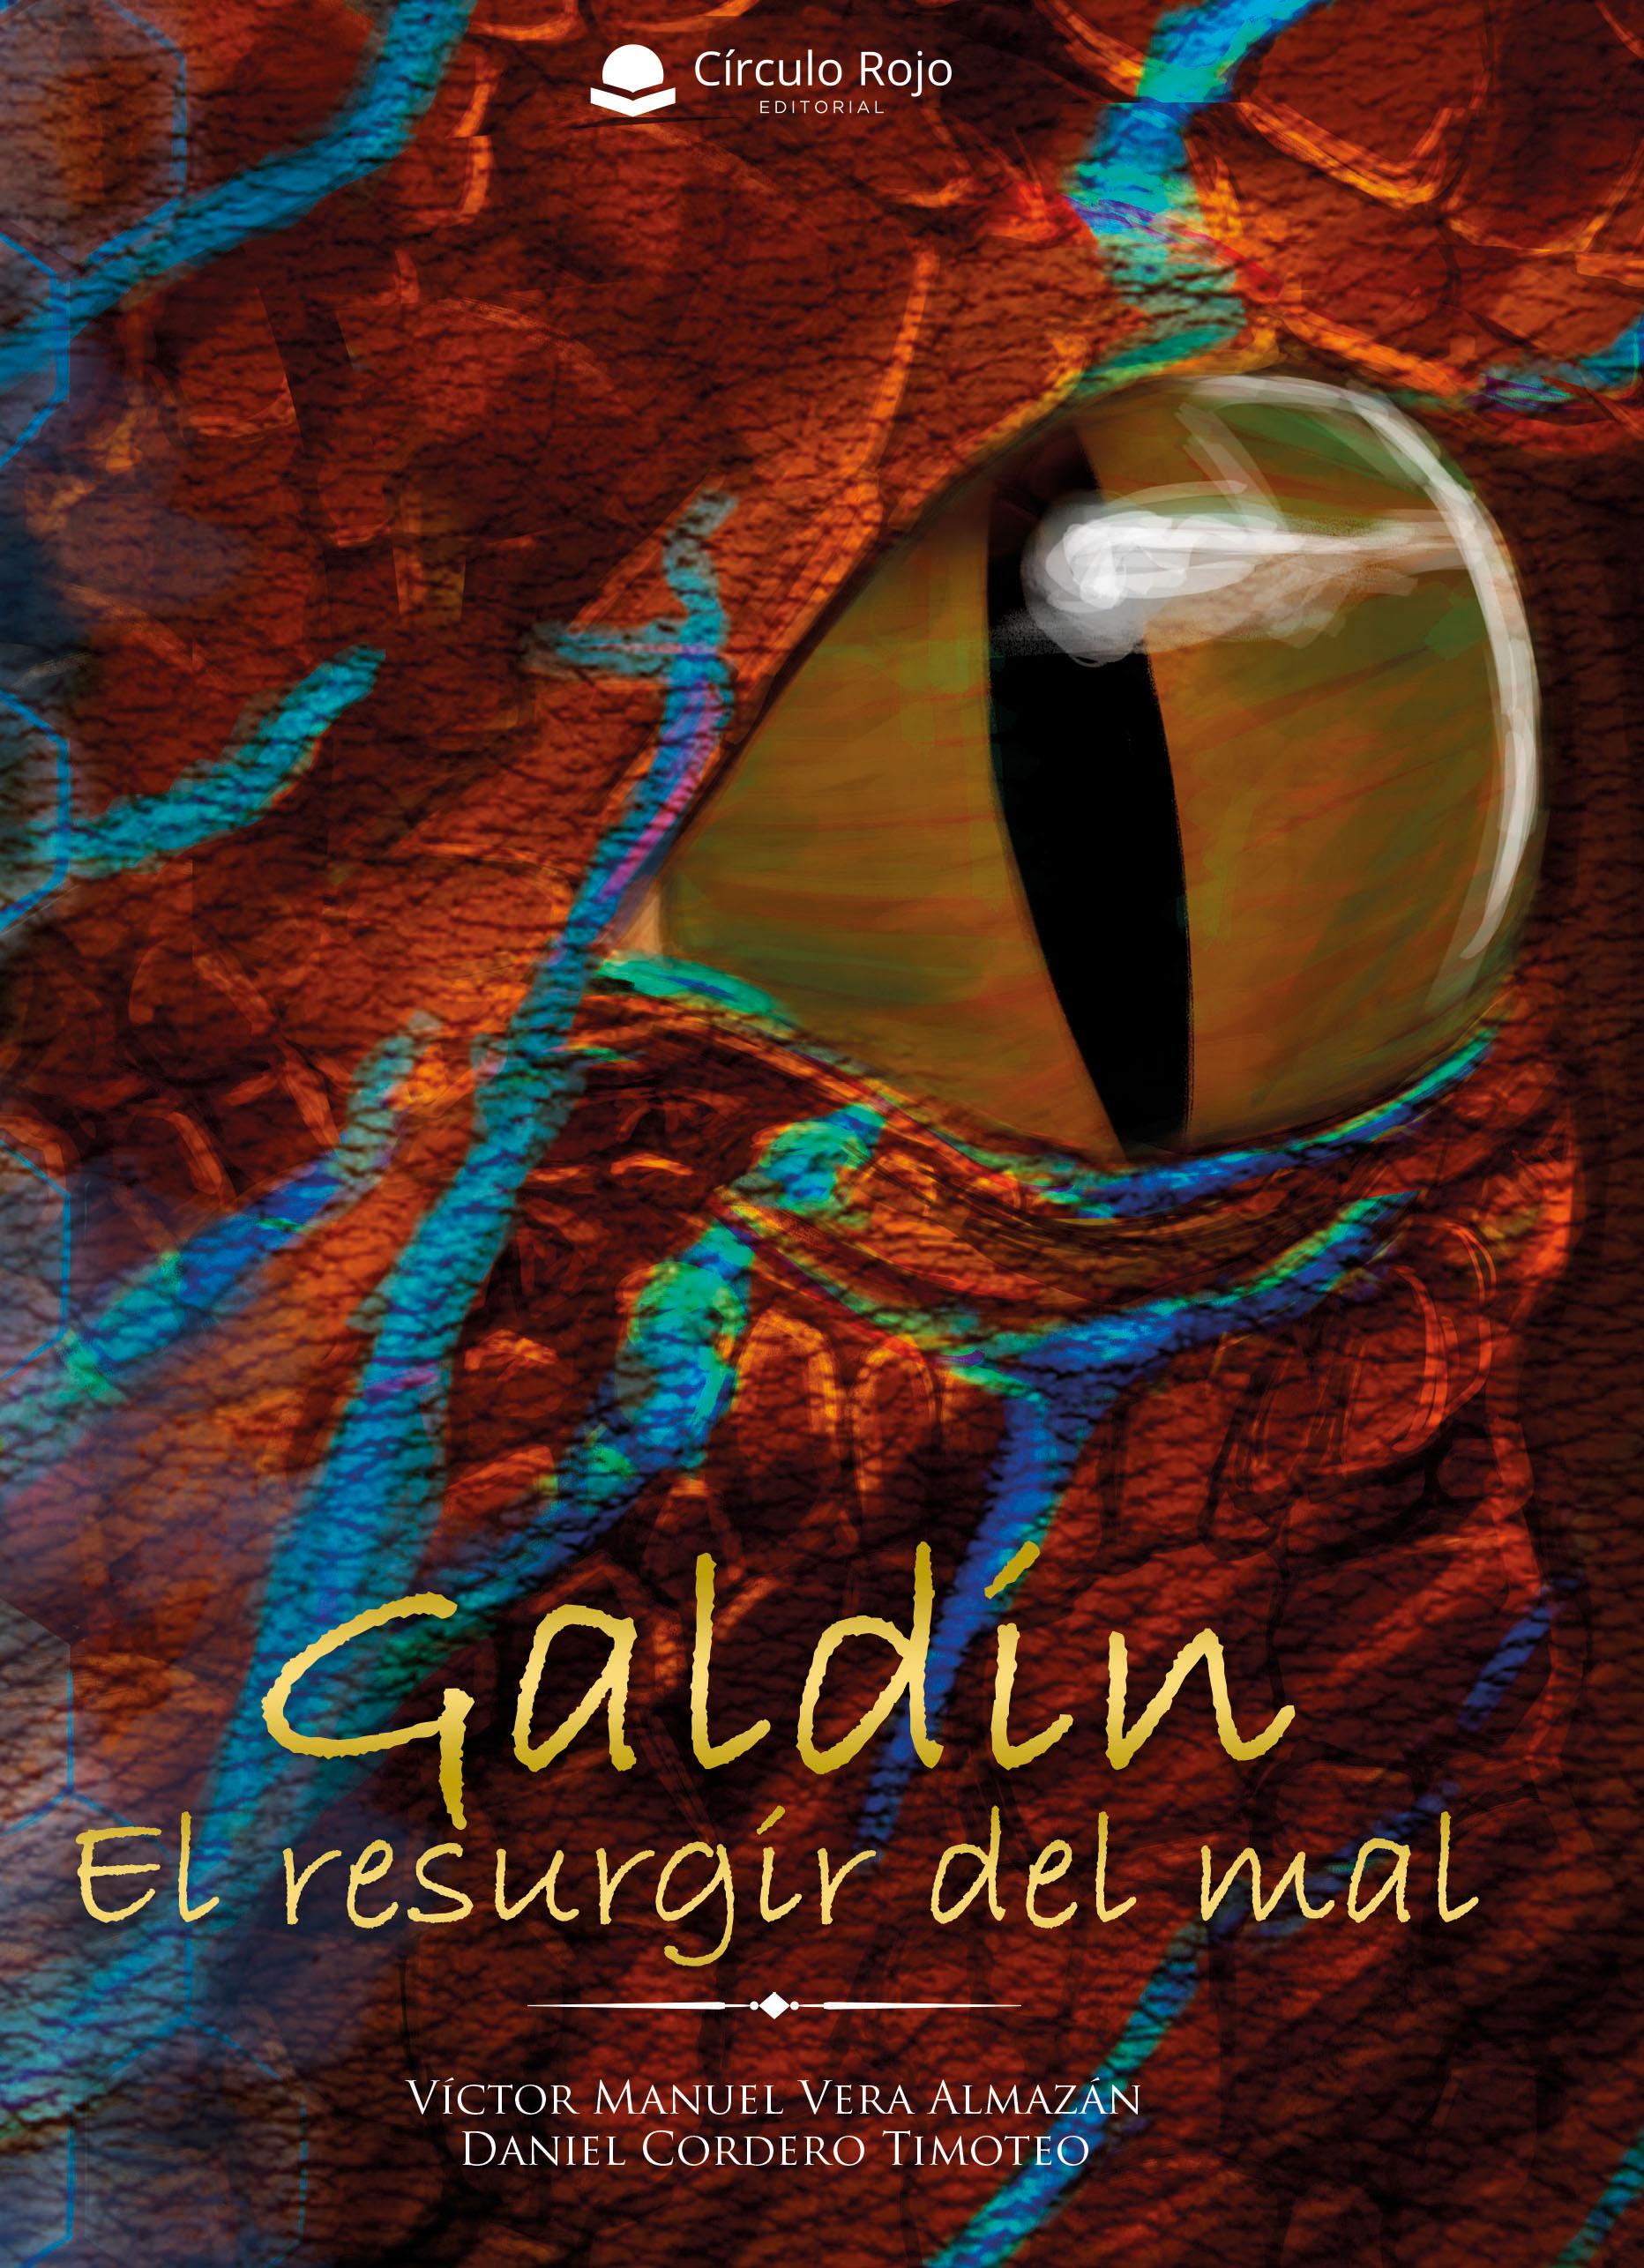 Galdin - El resurgir del mal